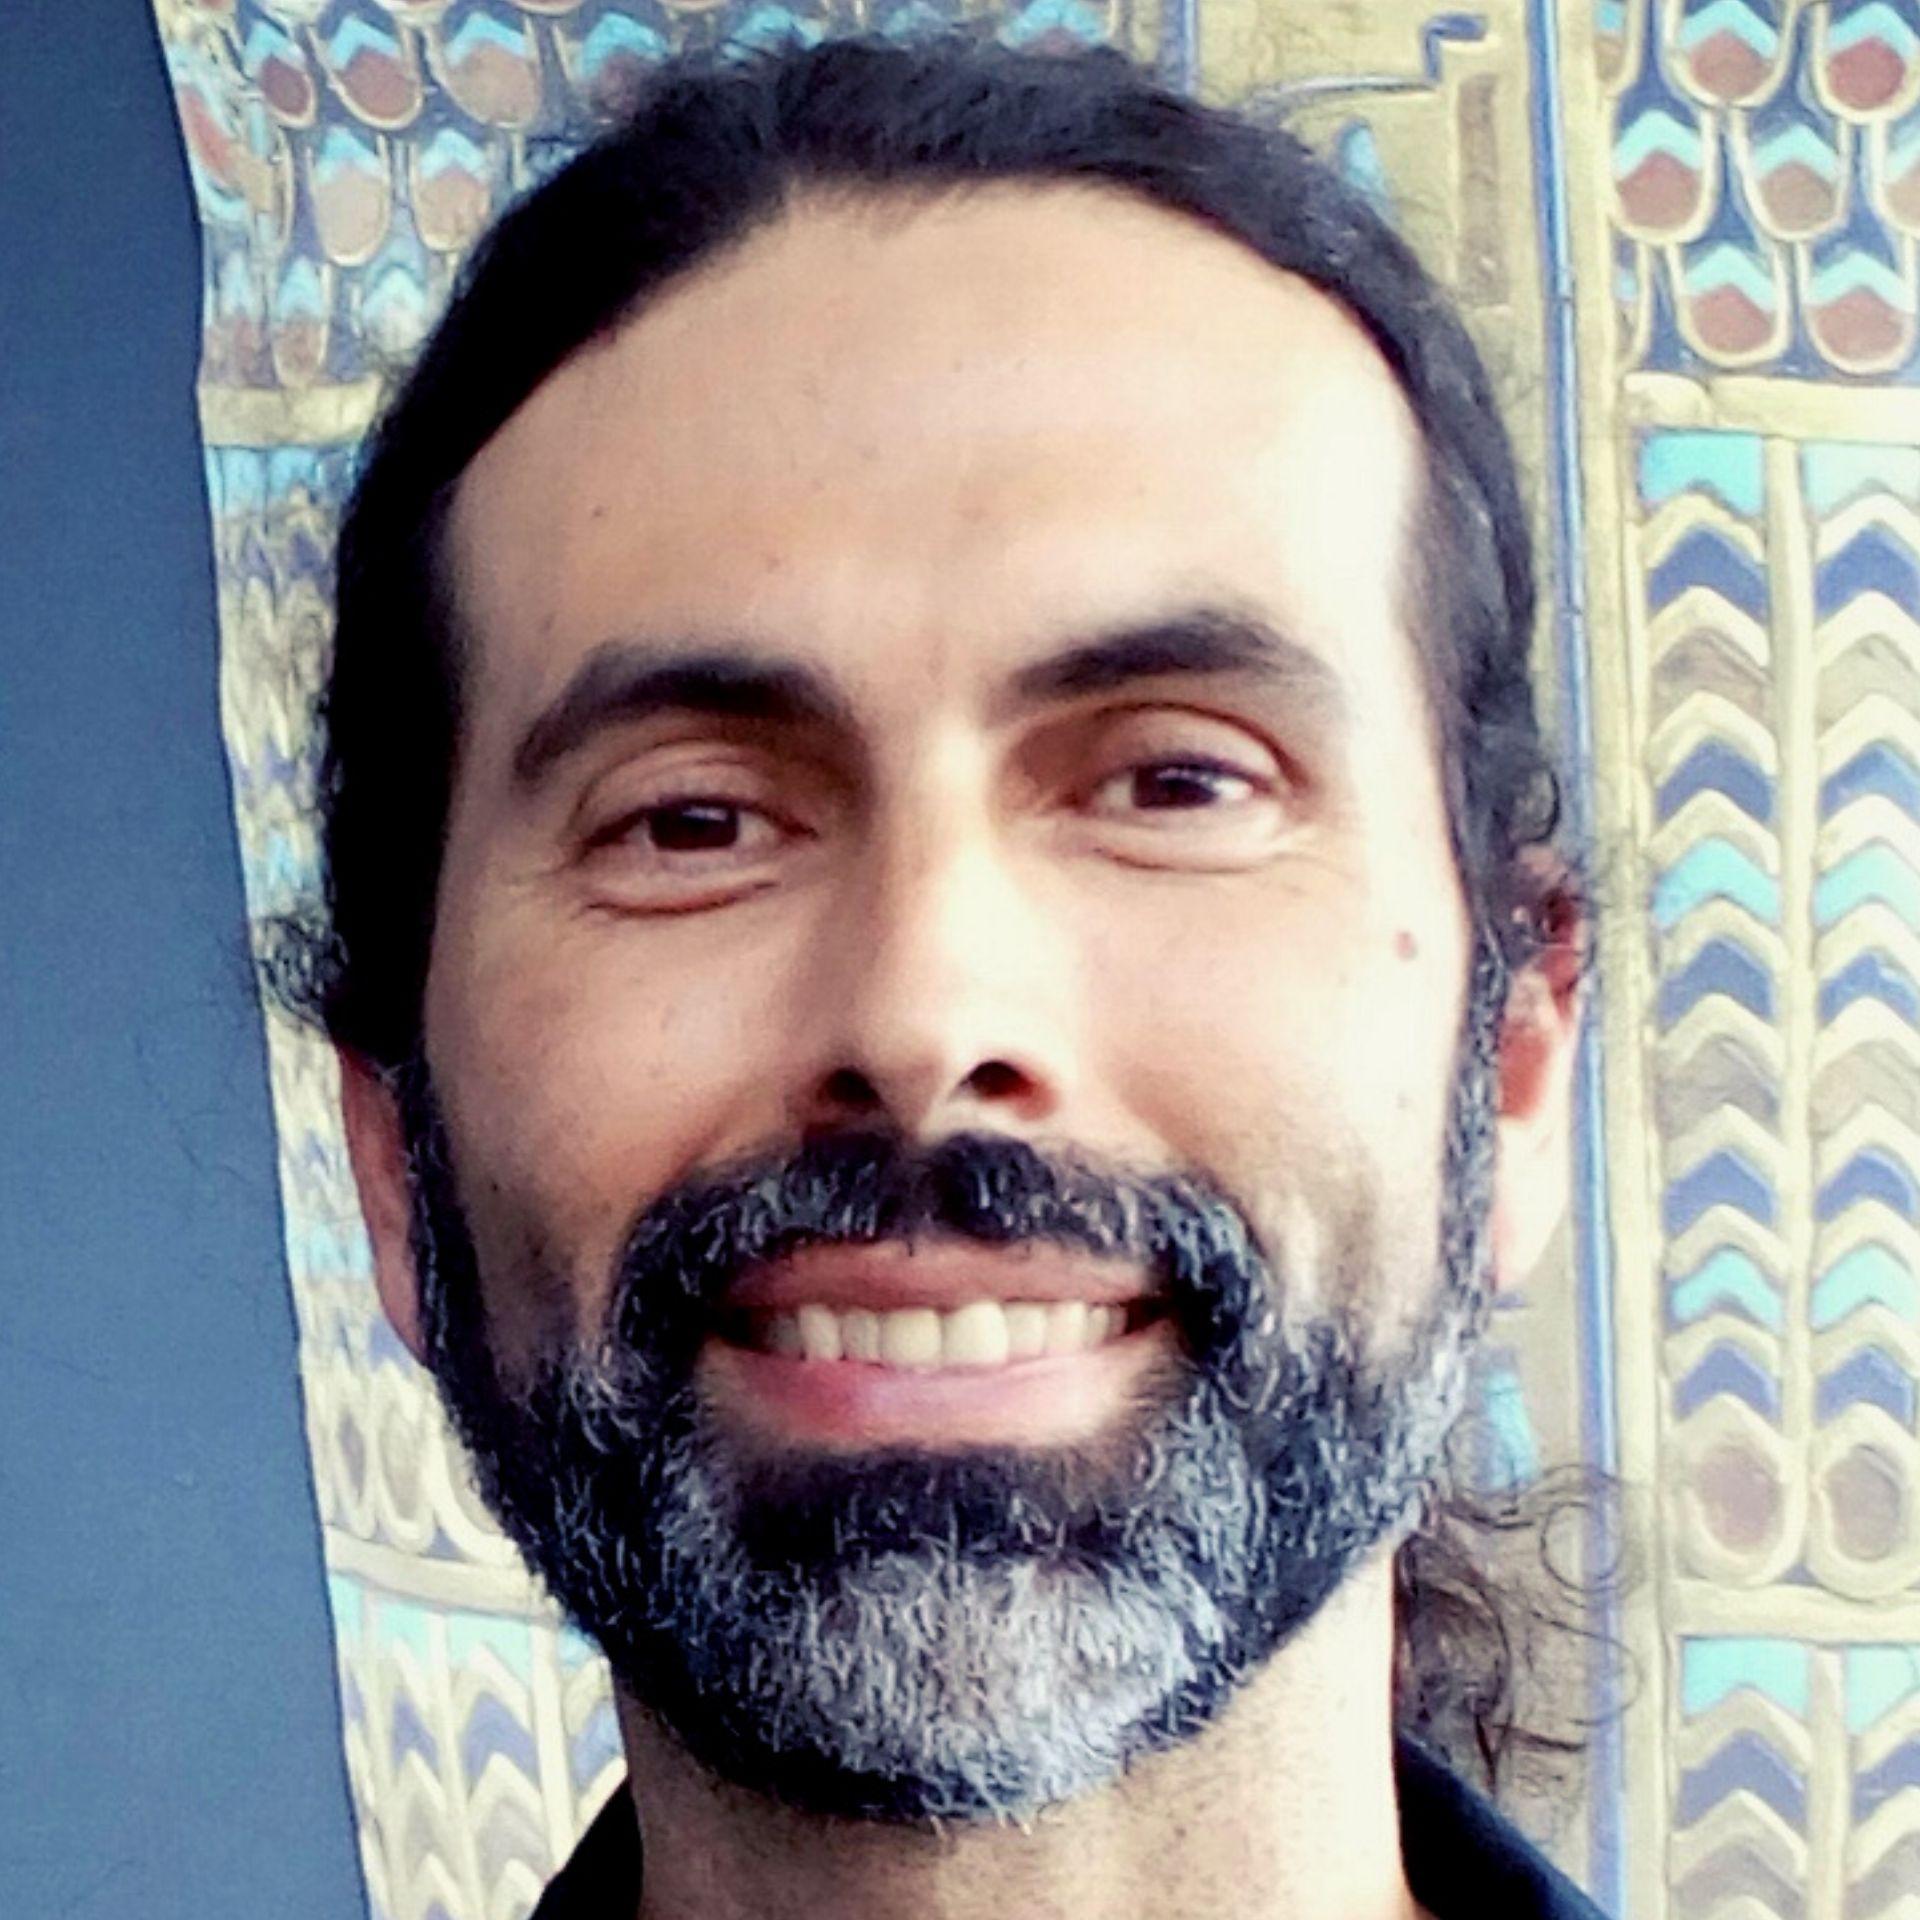 Programa de Computação Científica da Fiocruz: 25 anos multiplicando conhecimentos